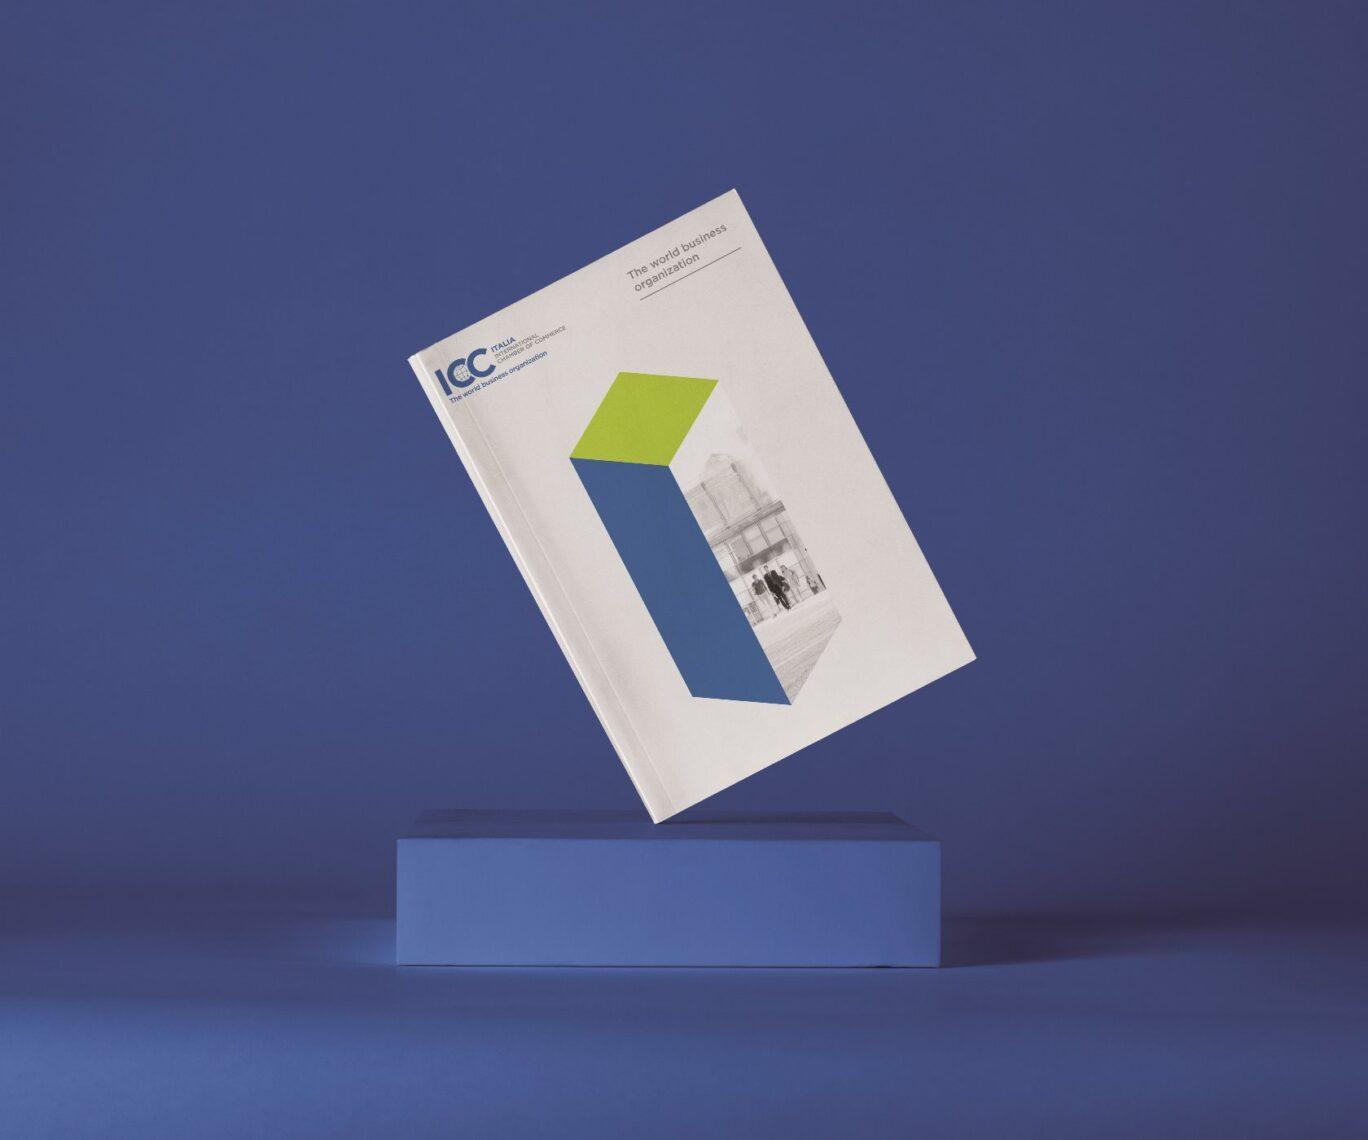 Made It Easy - Promozione per Avvocali, Studi Legali e Commercialisti - Grafica Stampa Catalogo